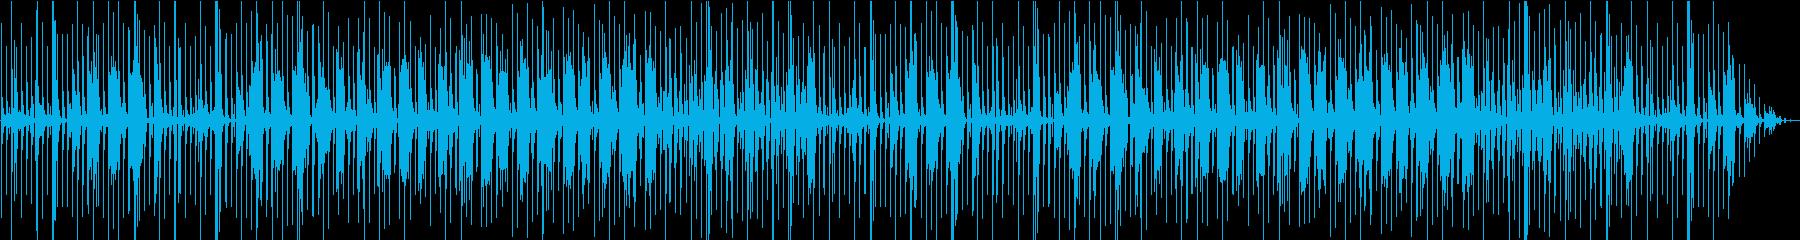 ほんわかとぼけた和風ギャグ曲の再生済みの波形